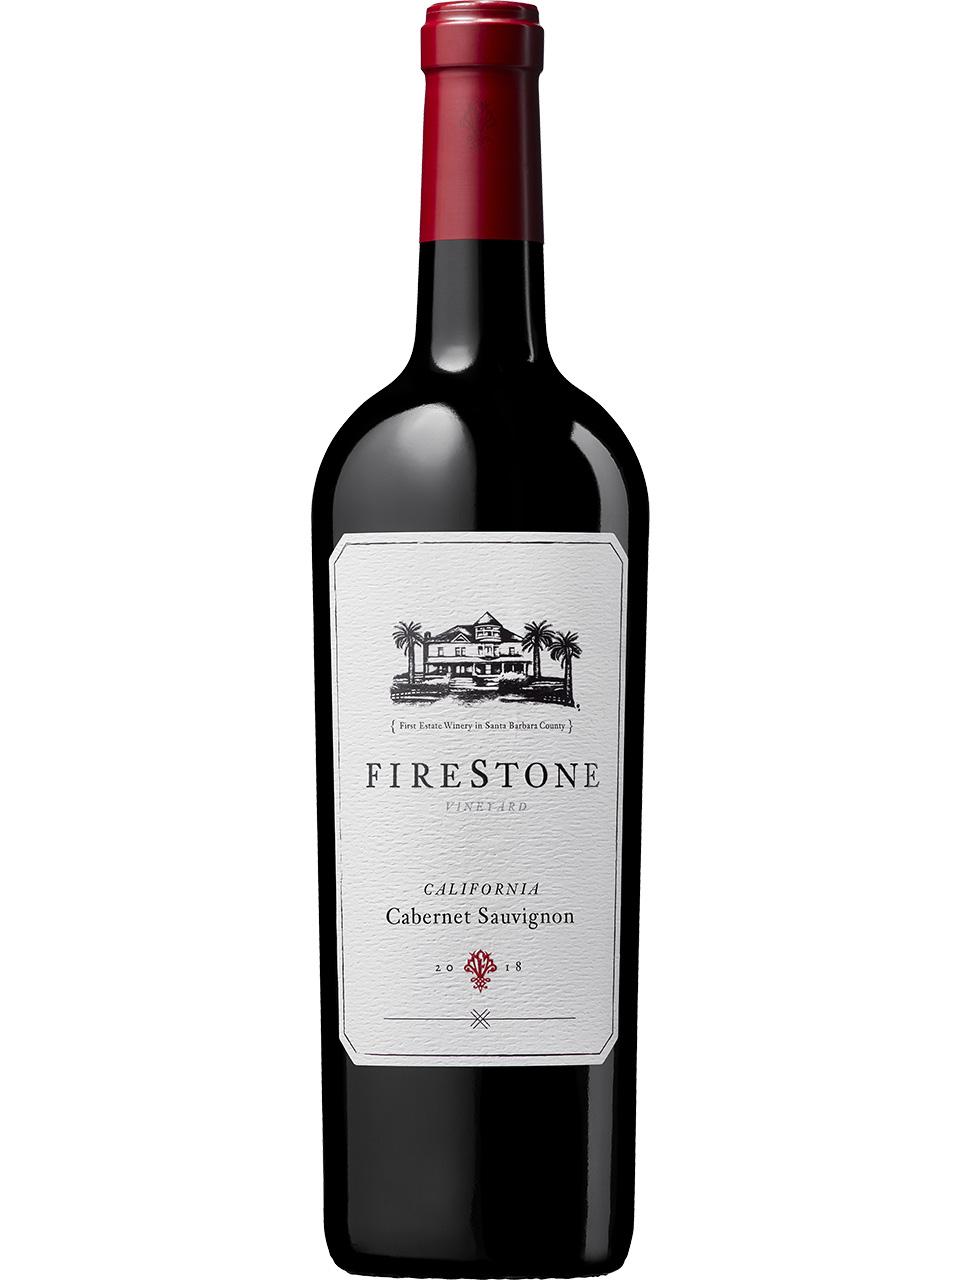 Firestone California Cabernet Sauvignon